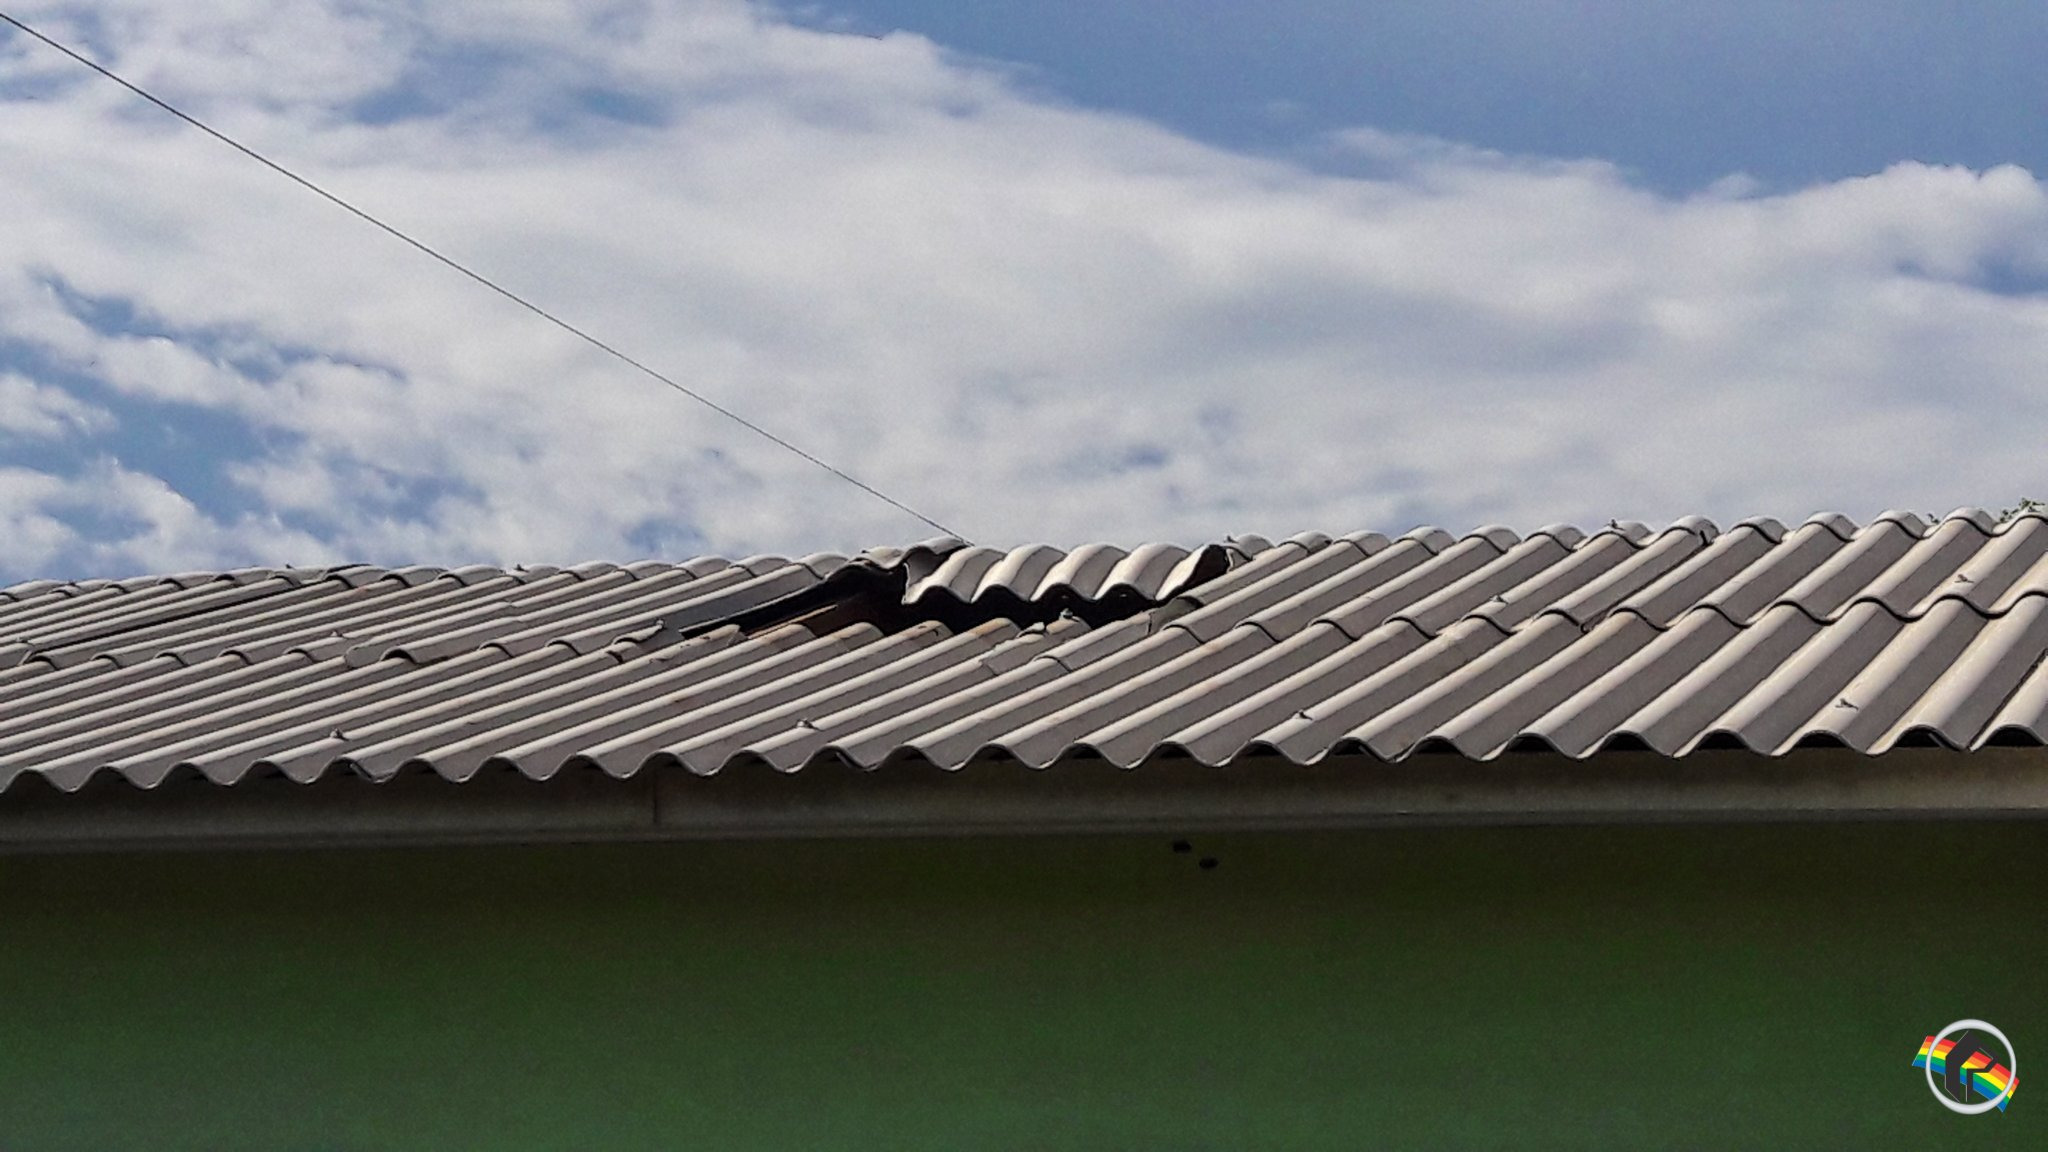 Idoso fica ferido ao cair de telhado em São Miguel do Oeste